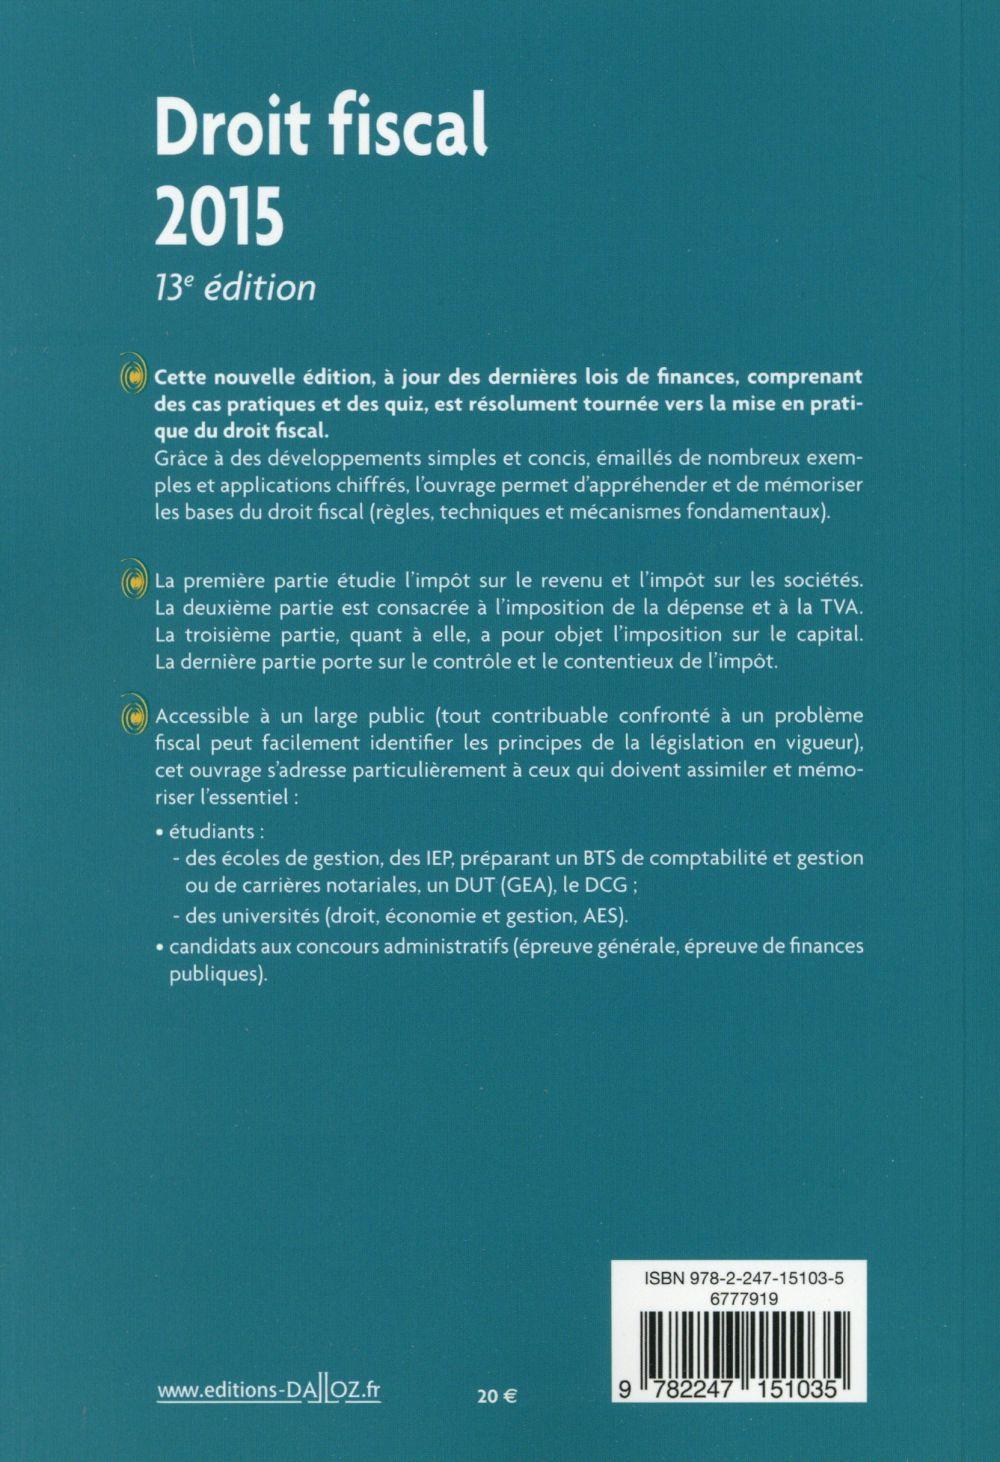 Droit fiscal (13e édition)